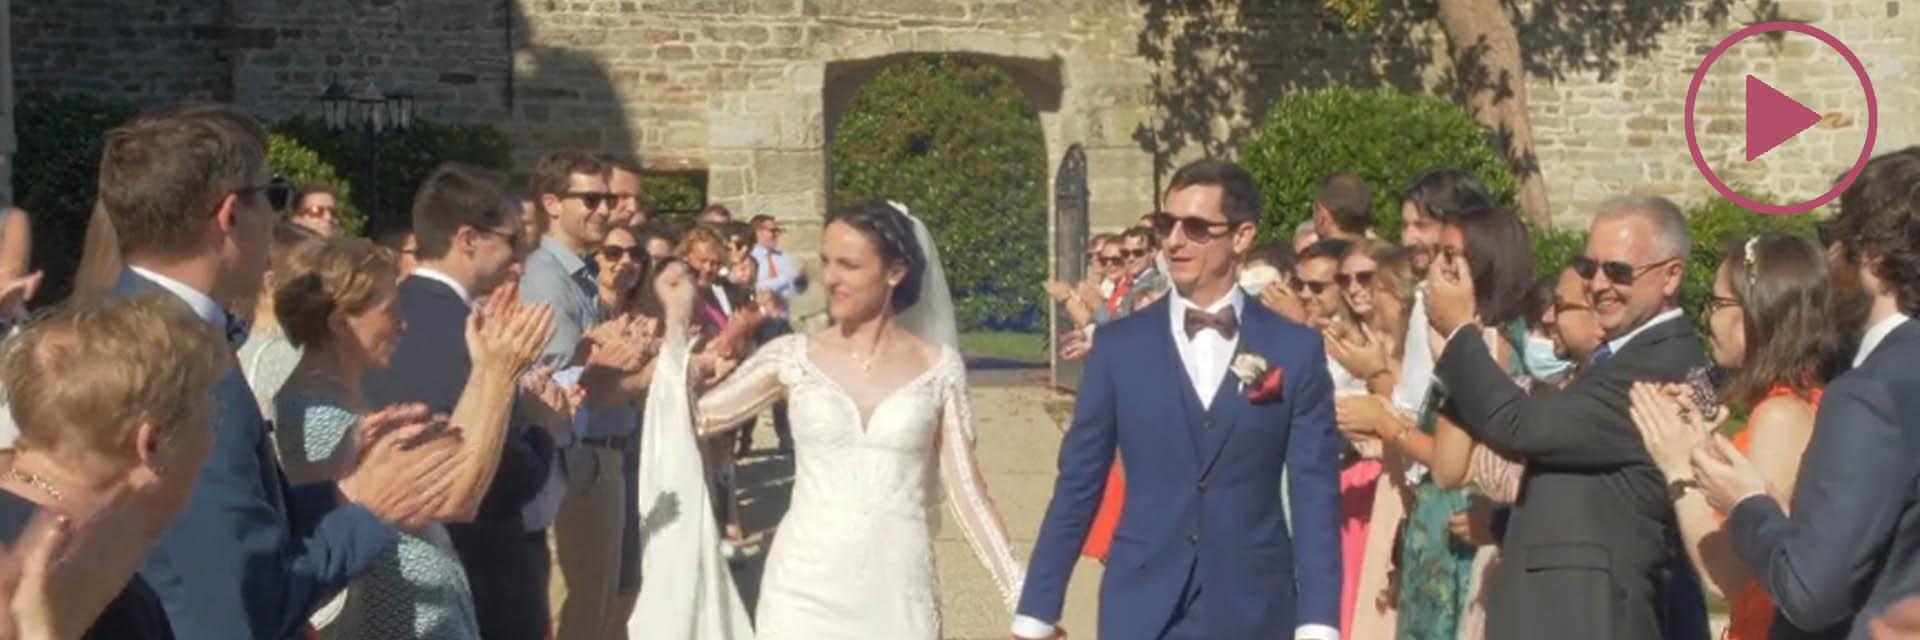 A & M, Le meilleur de leur film de mariage en Bretagne.